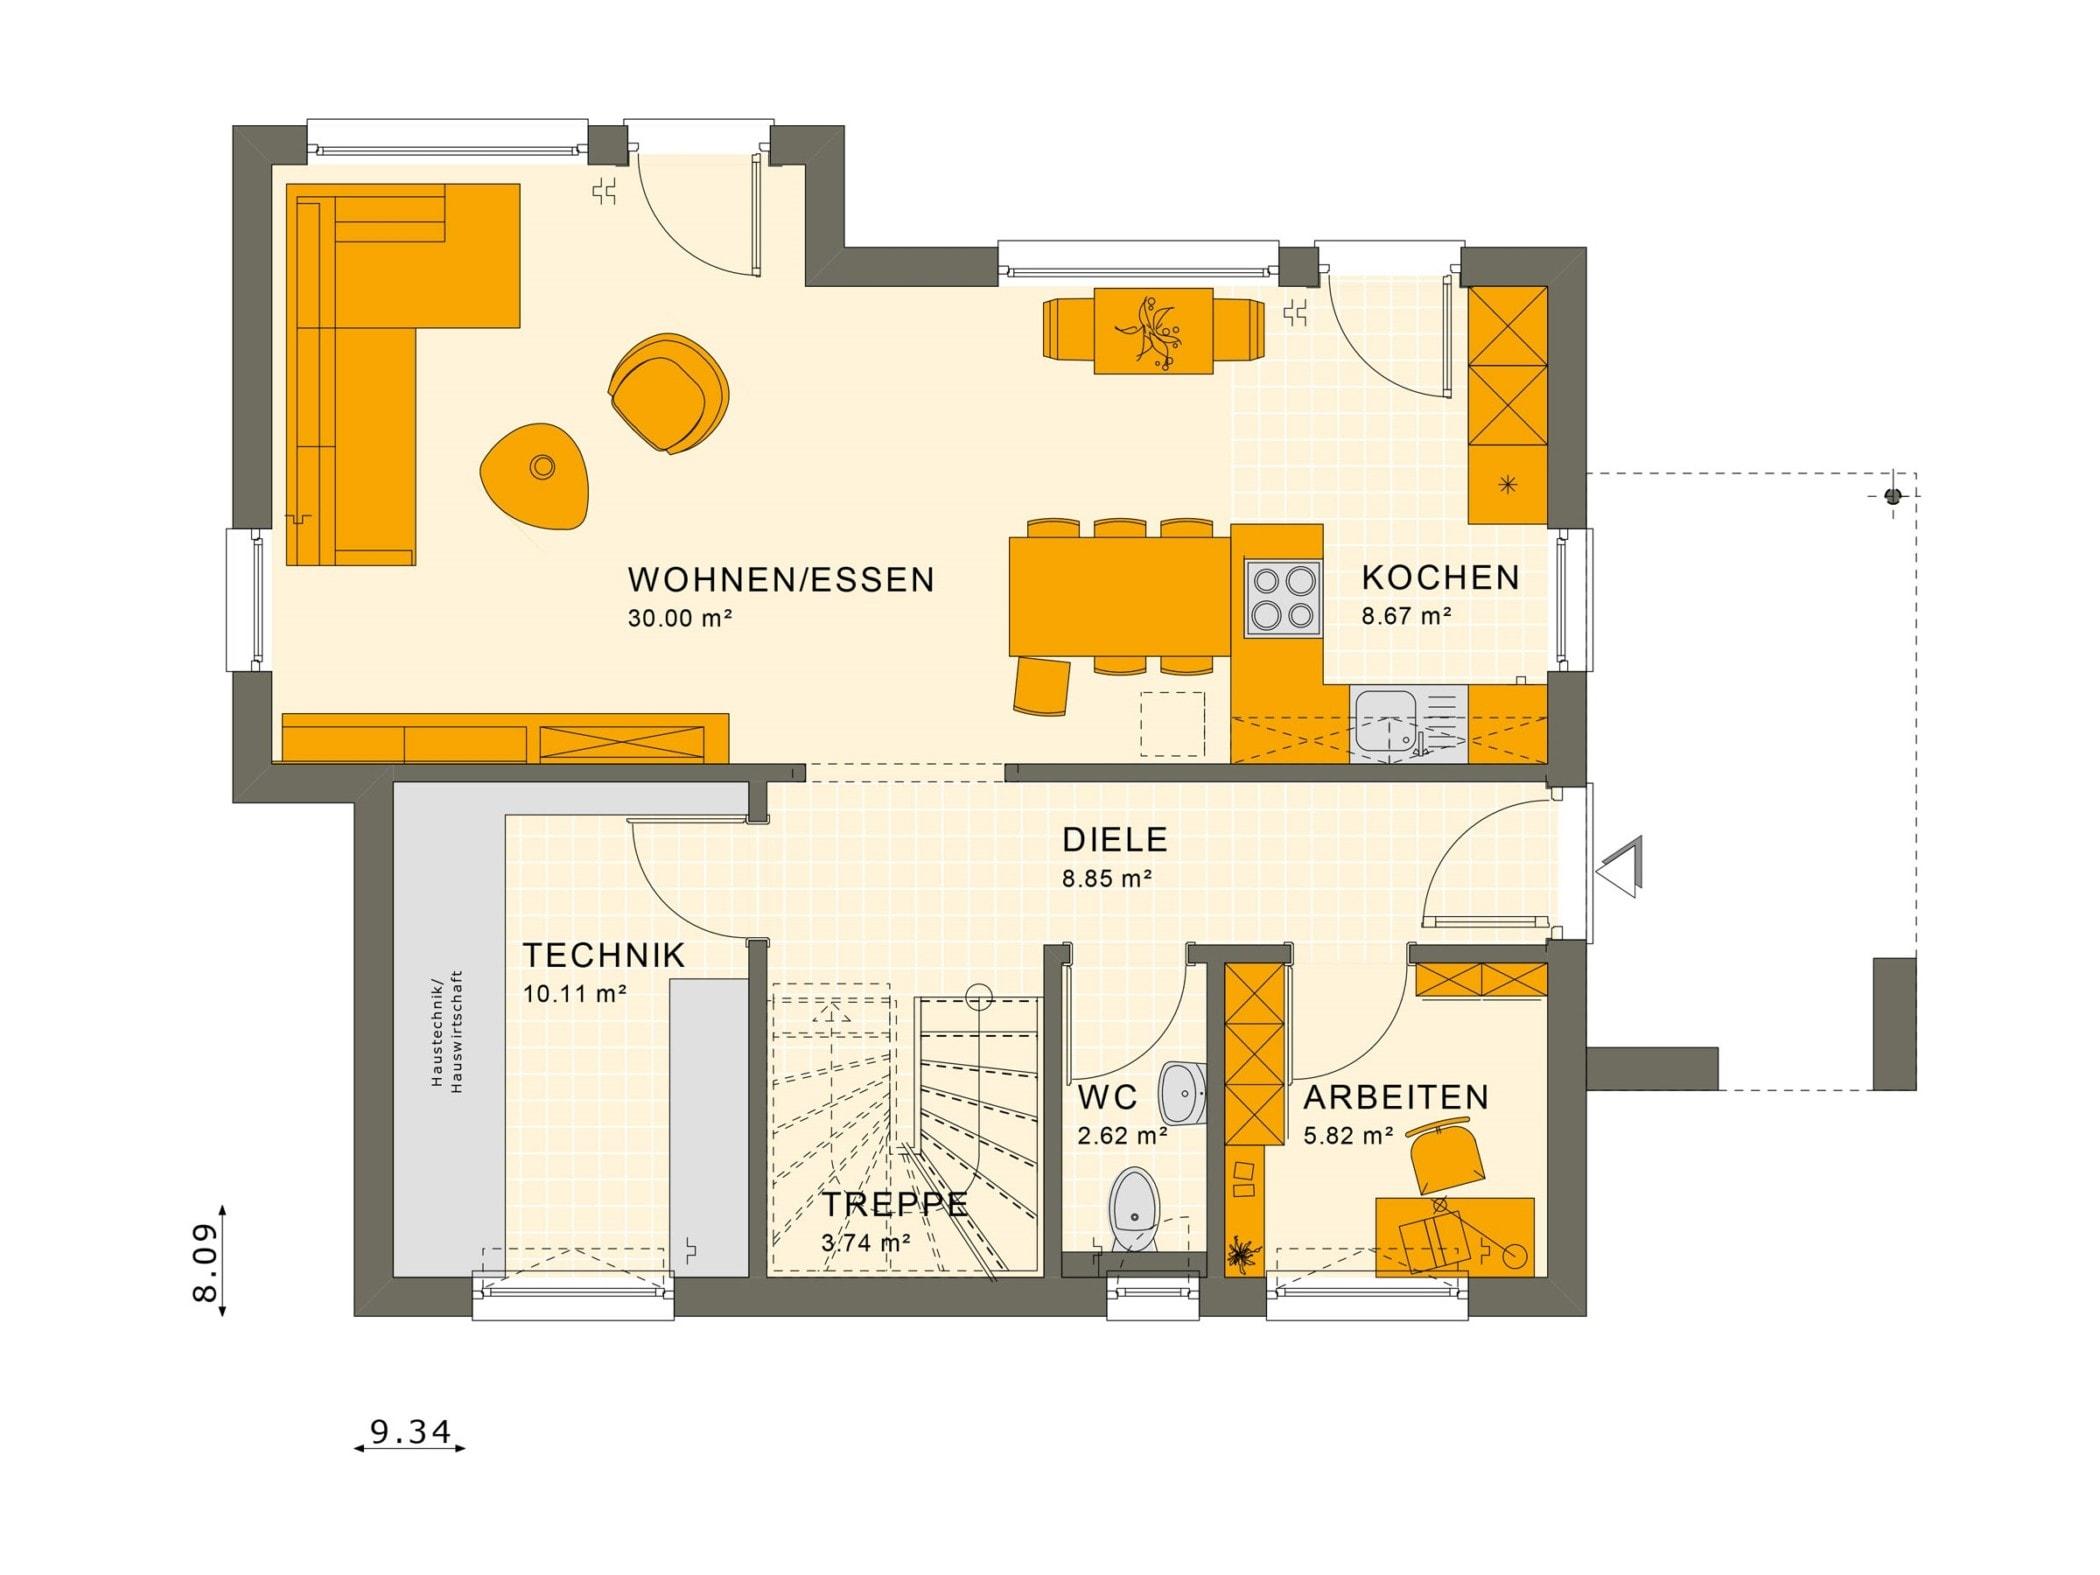 Grundriss Einfamilienhaus Erdgeschoss offen mit Erker - Fertighaus Living Haus SUNSHINE 125 V5 - HausbauDirekt.de